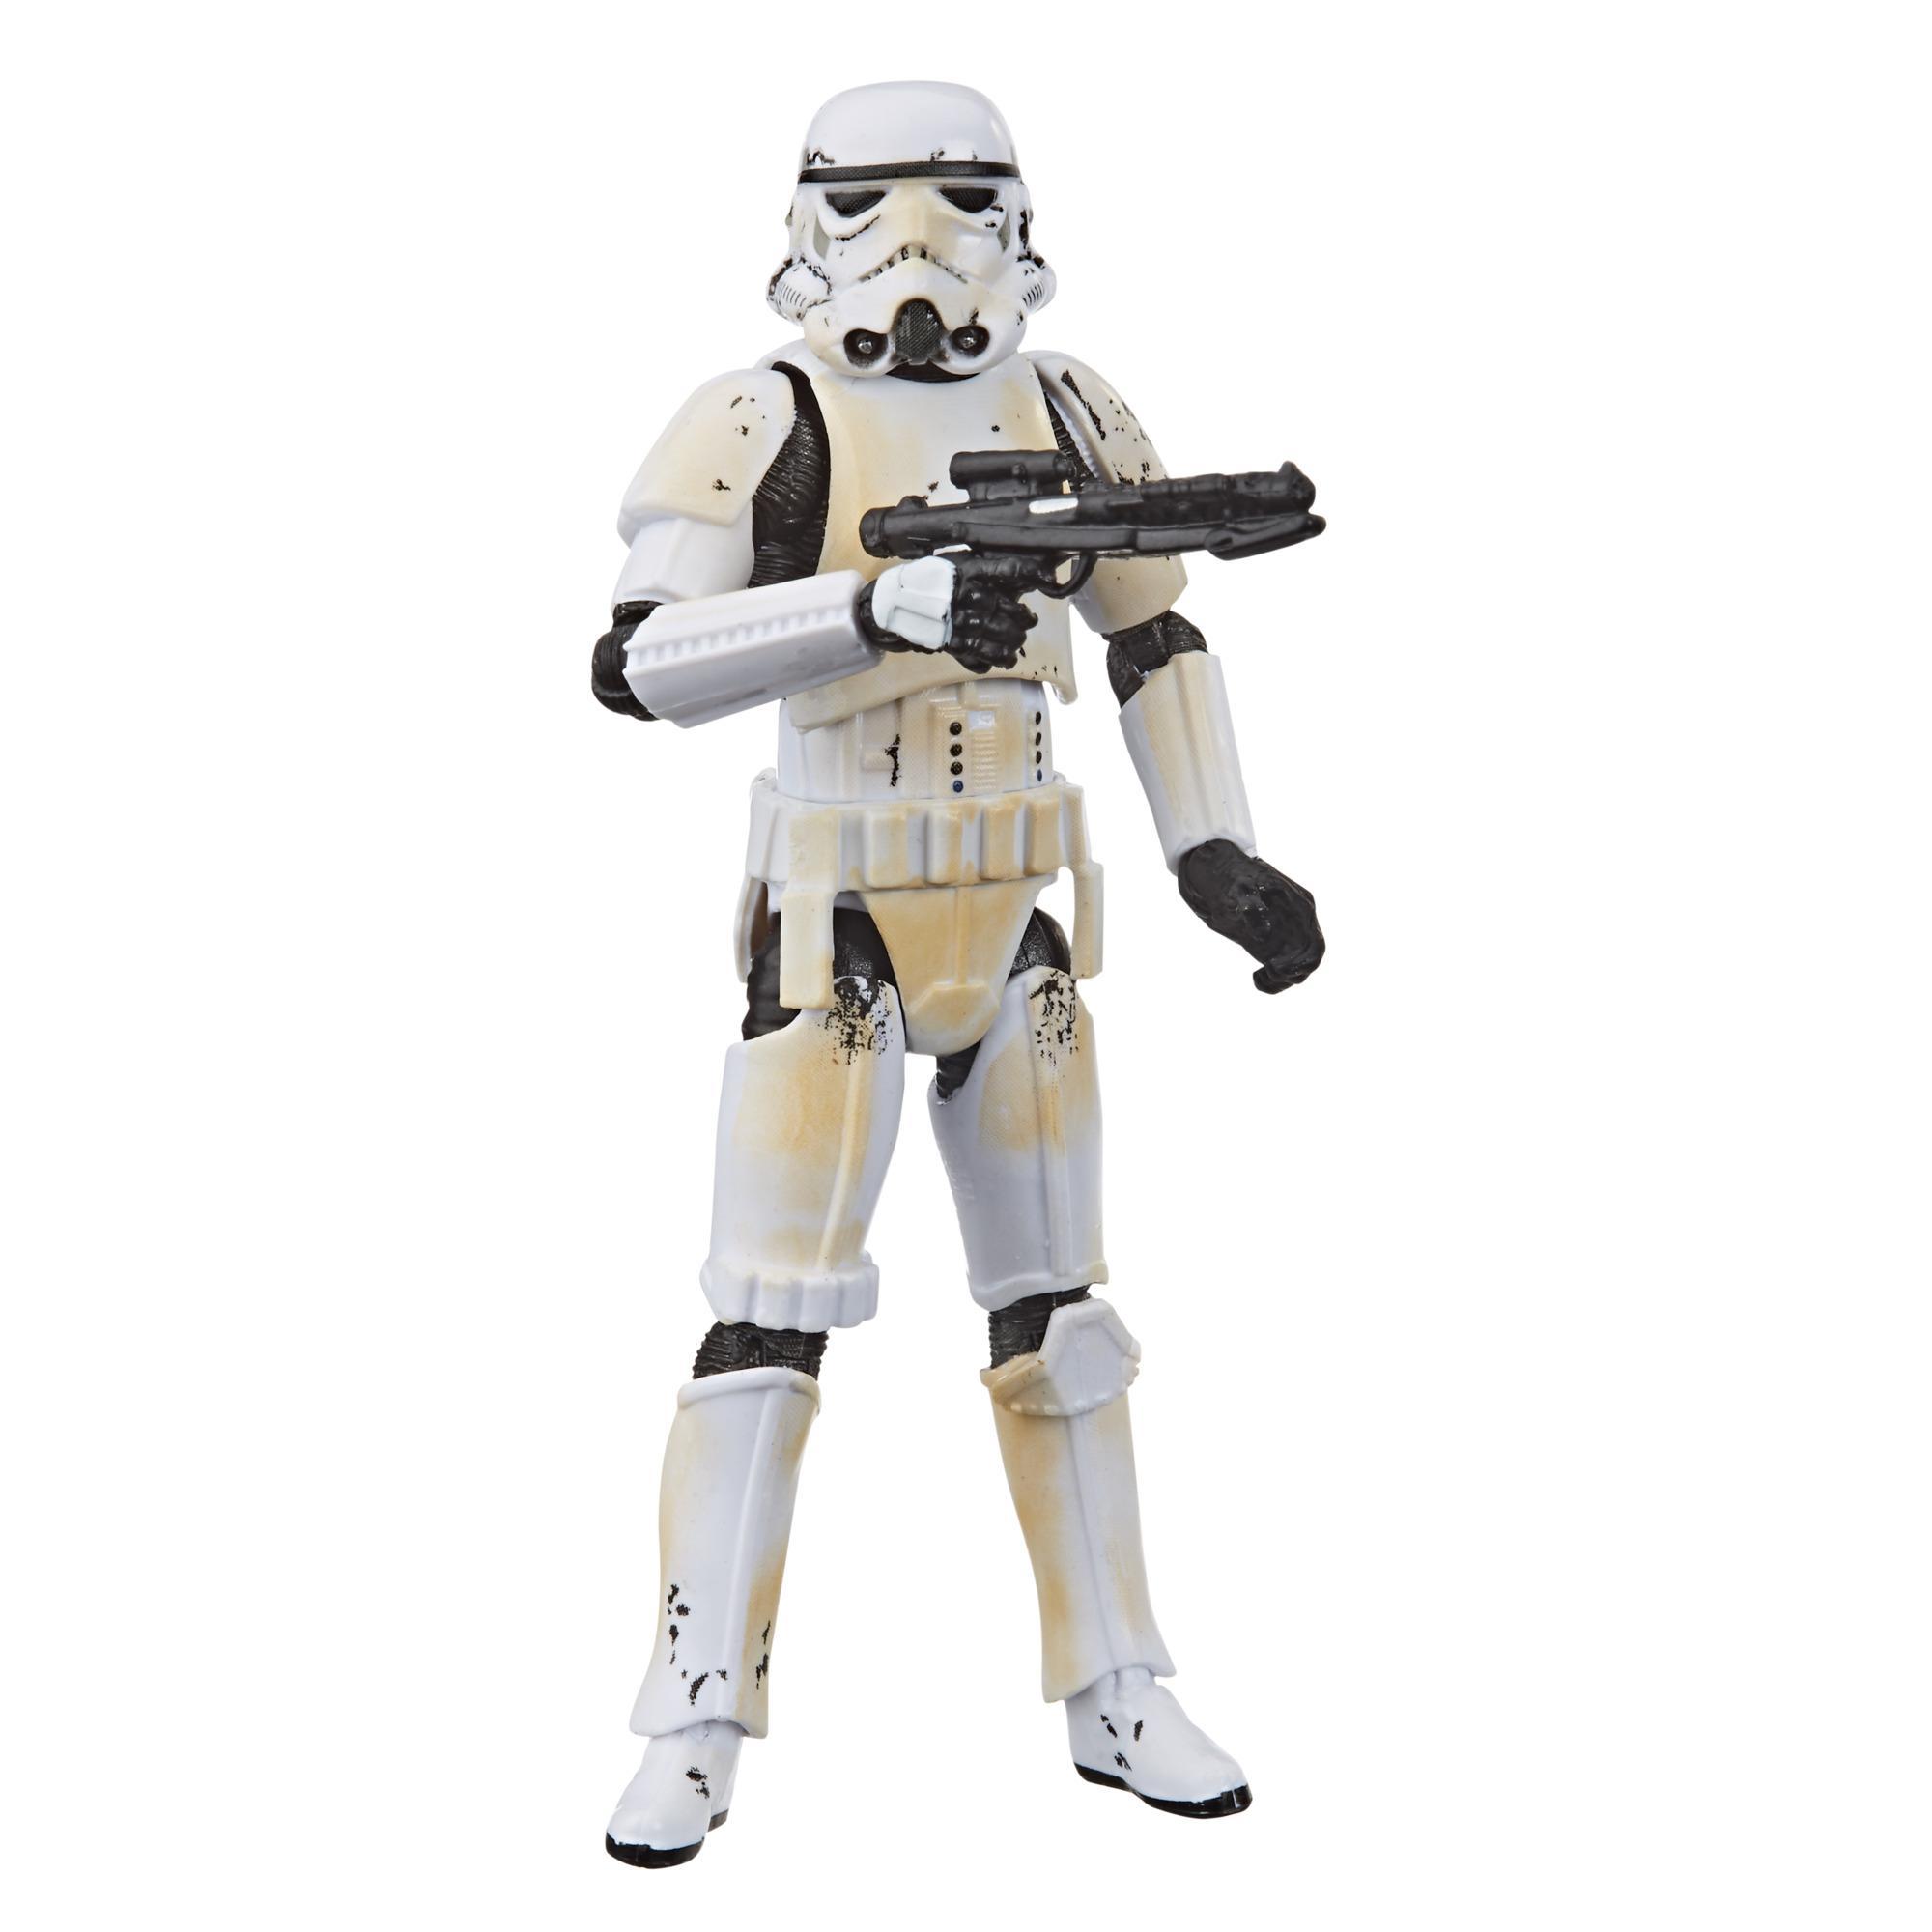 Star Wars La colección Vintage - The Mandalorian - Figura de Remnant Stormtrooper a escala de 9,5 cm - Edad: 4+